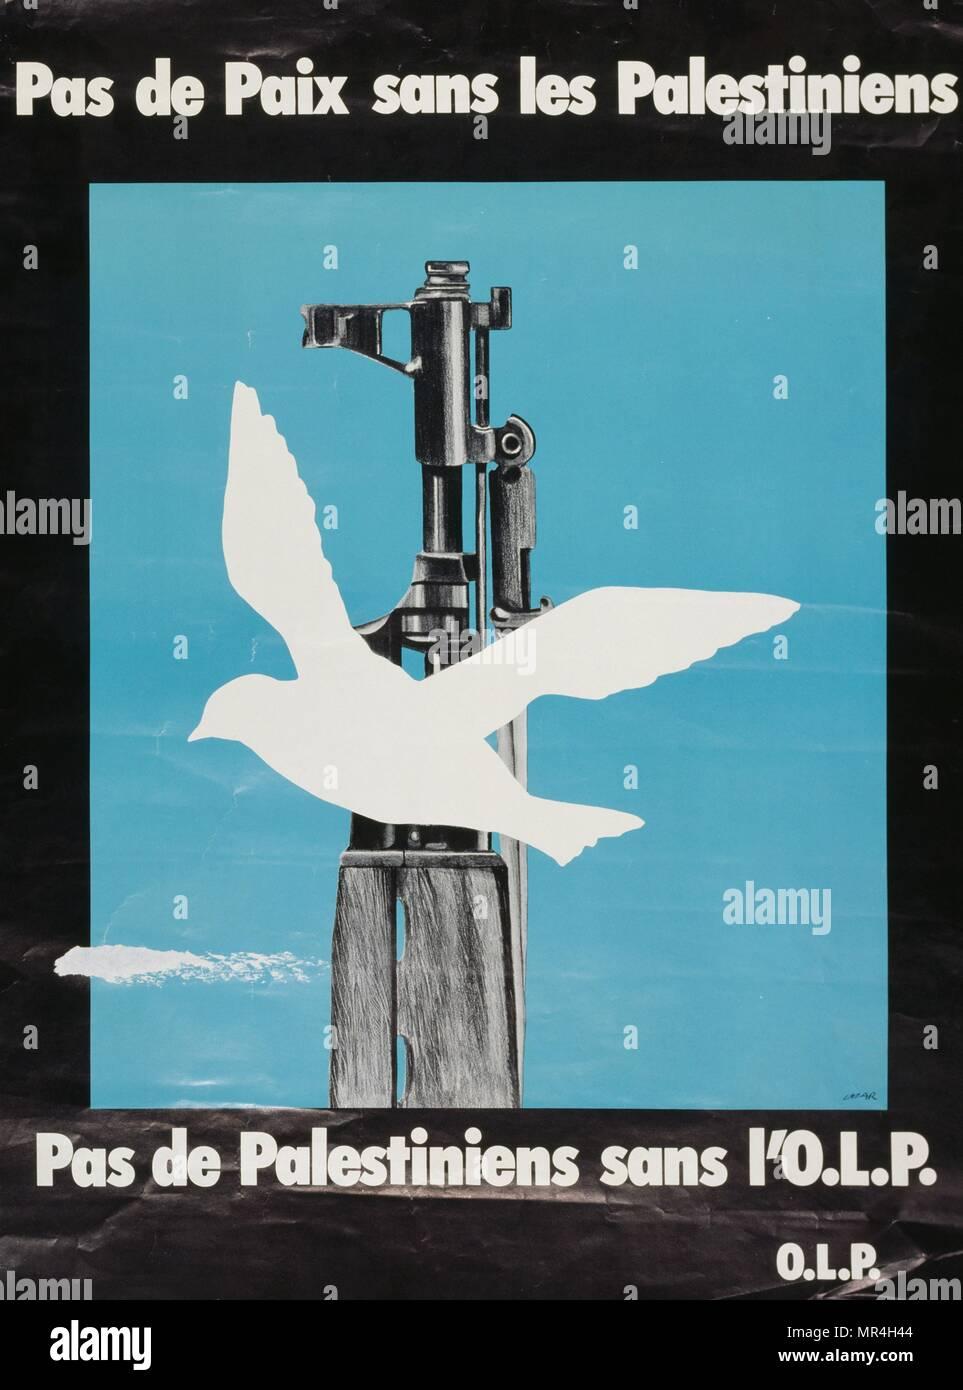 Organisation für die Befreiung Palästinas (PLO) Propagandaplakat gegen den Friedensprozess mit Israel 1983 Stockbild